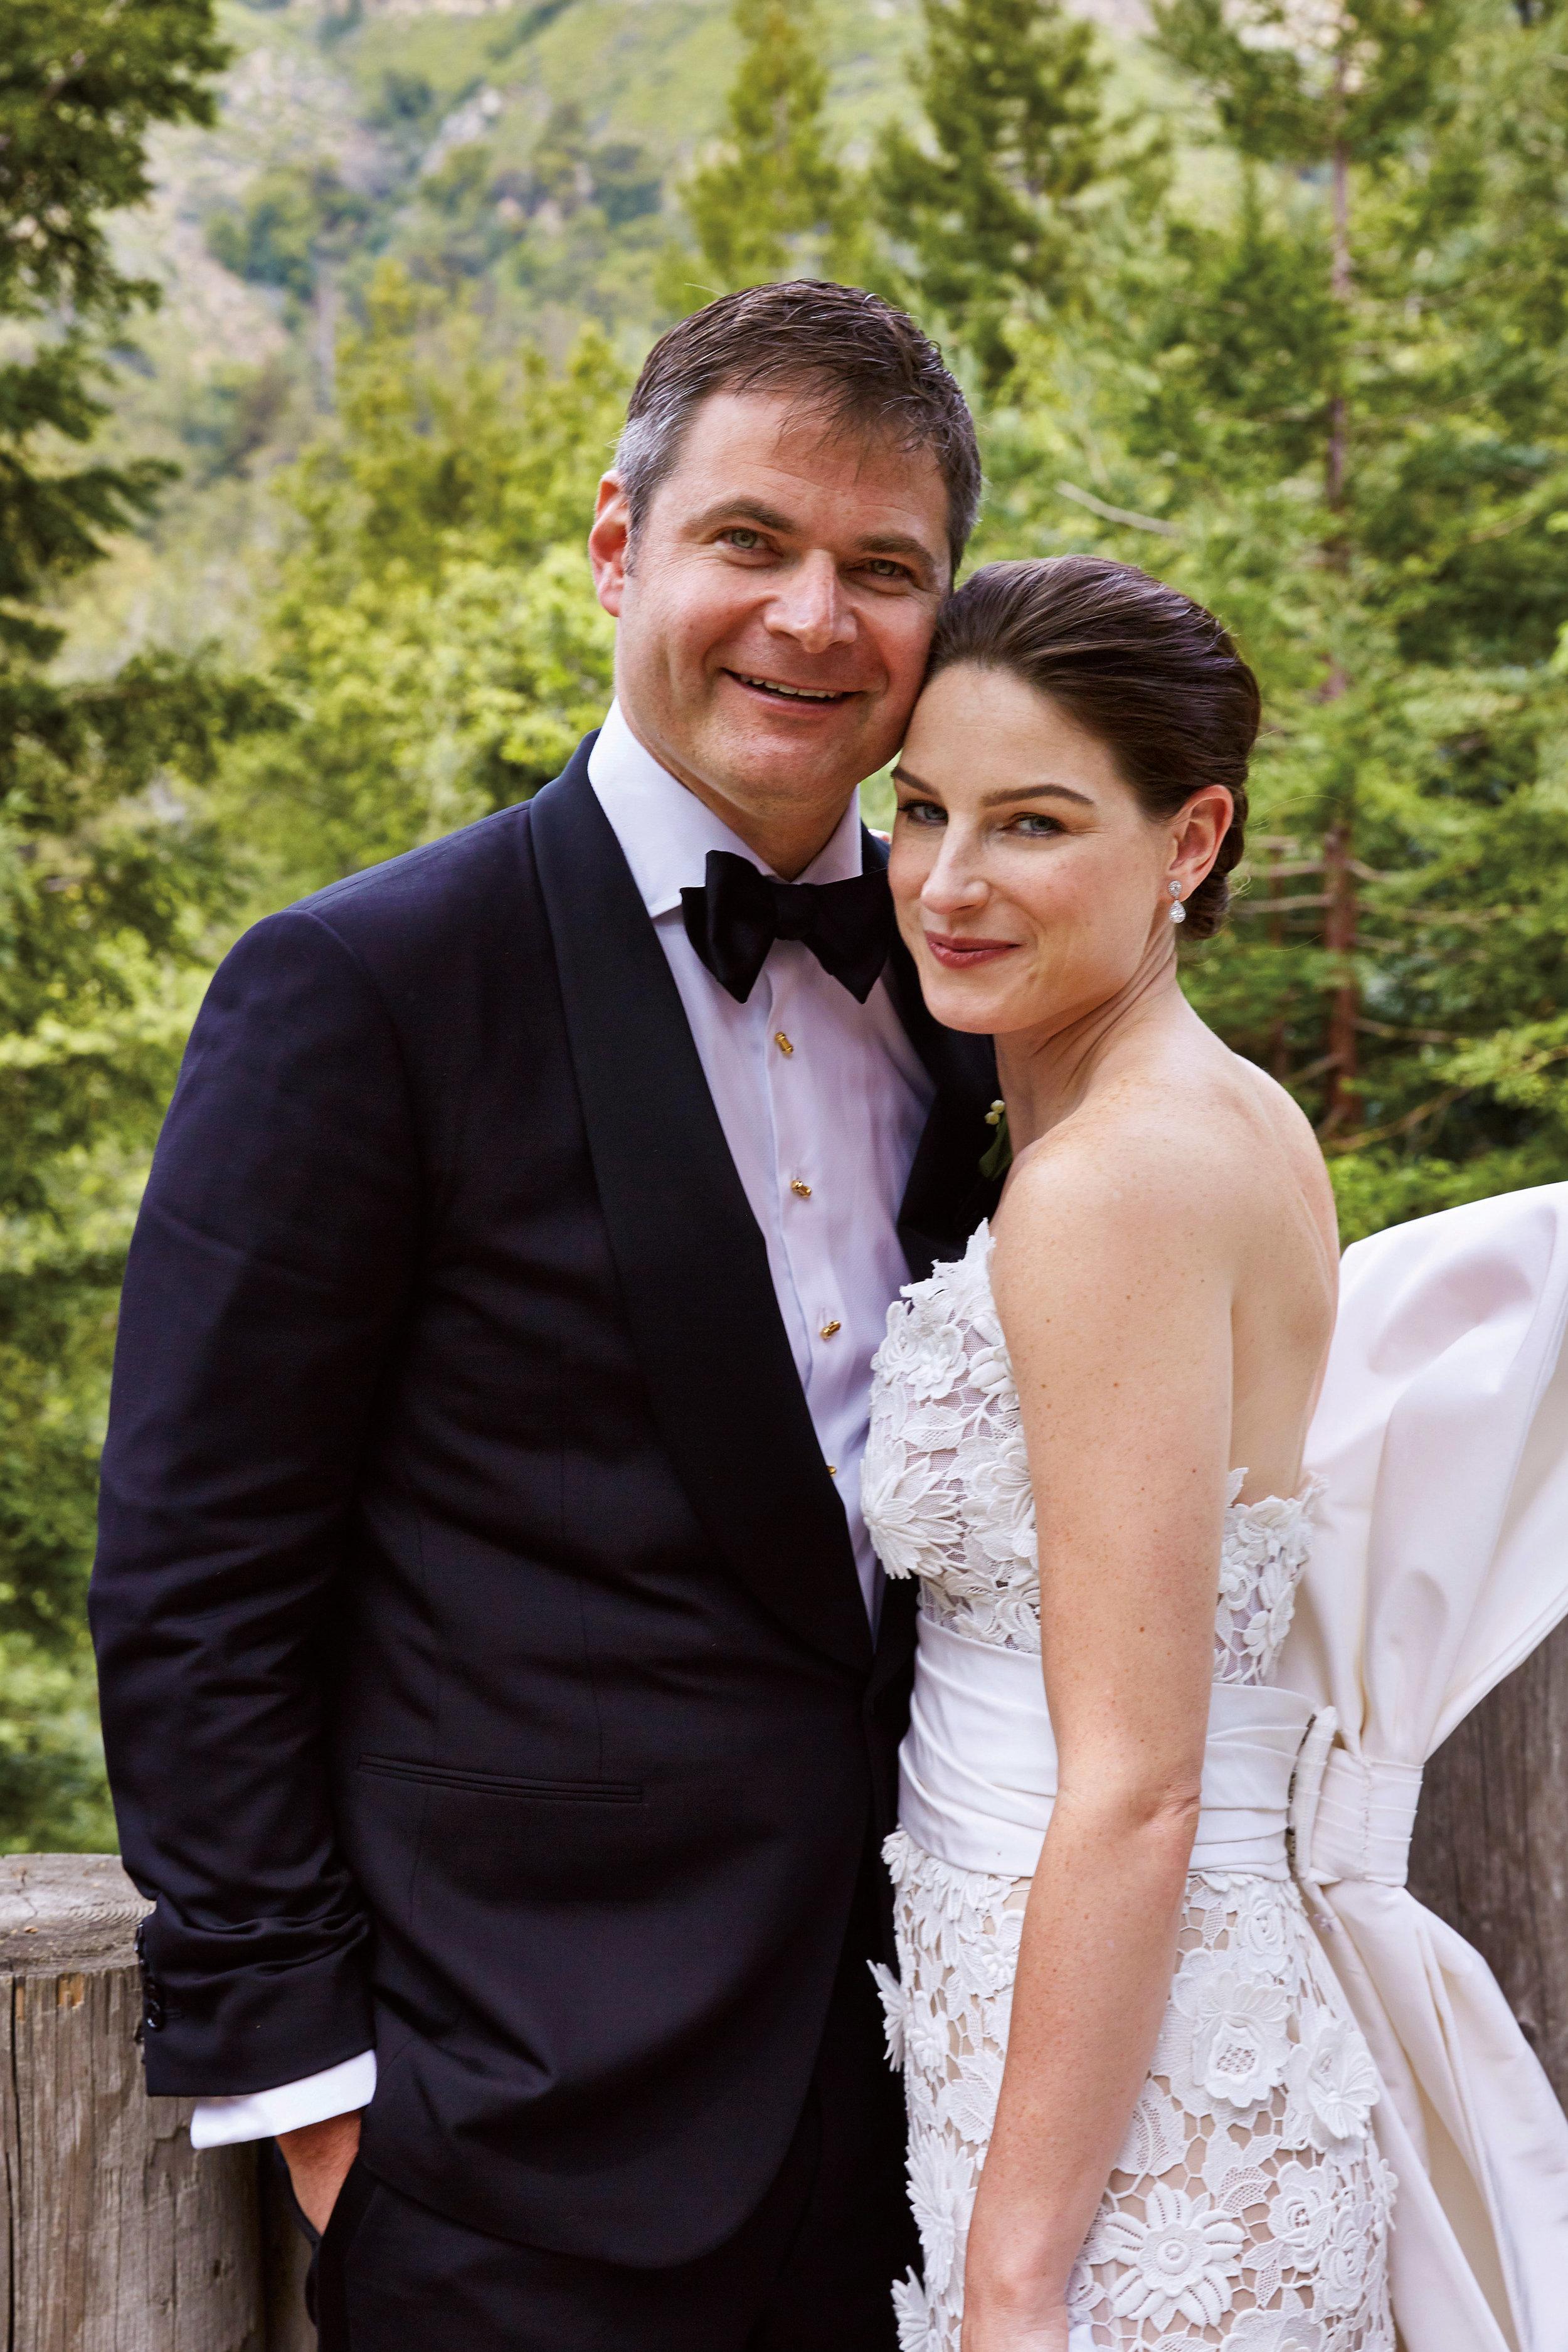 Kathryn Duryea '00 with her husband, Matt Wyndowe.